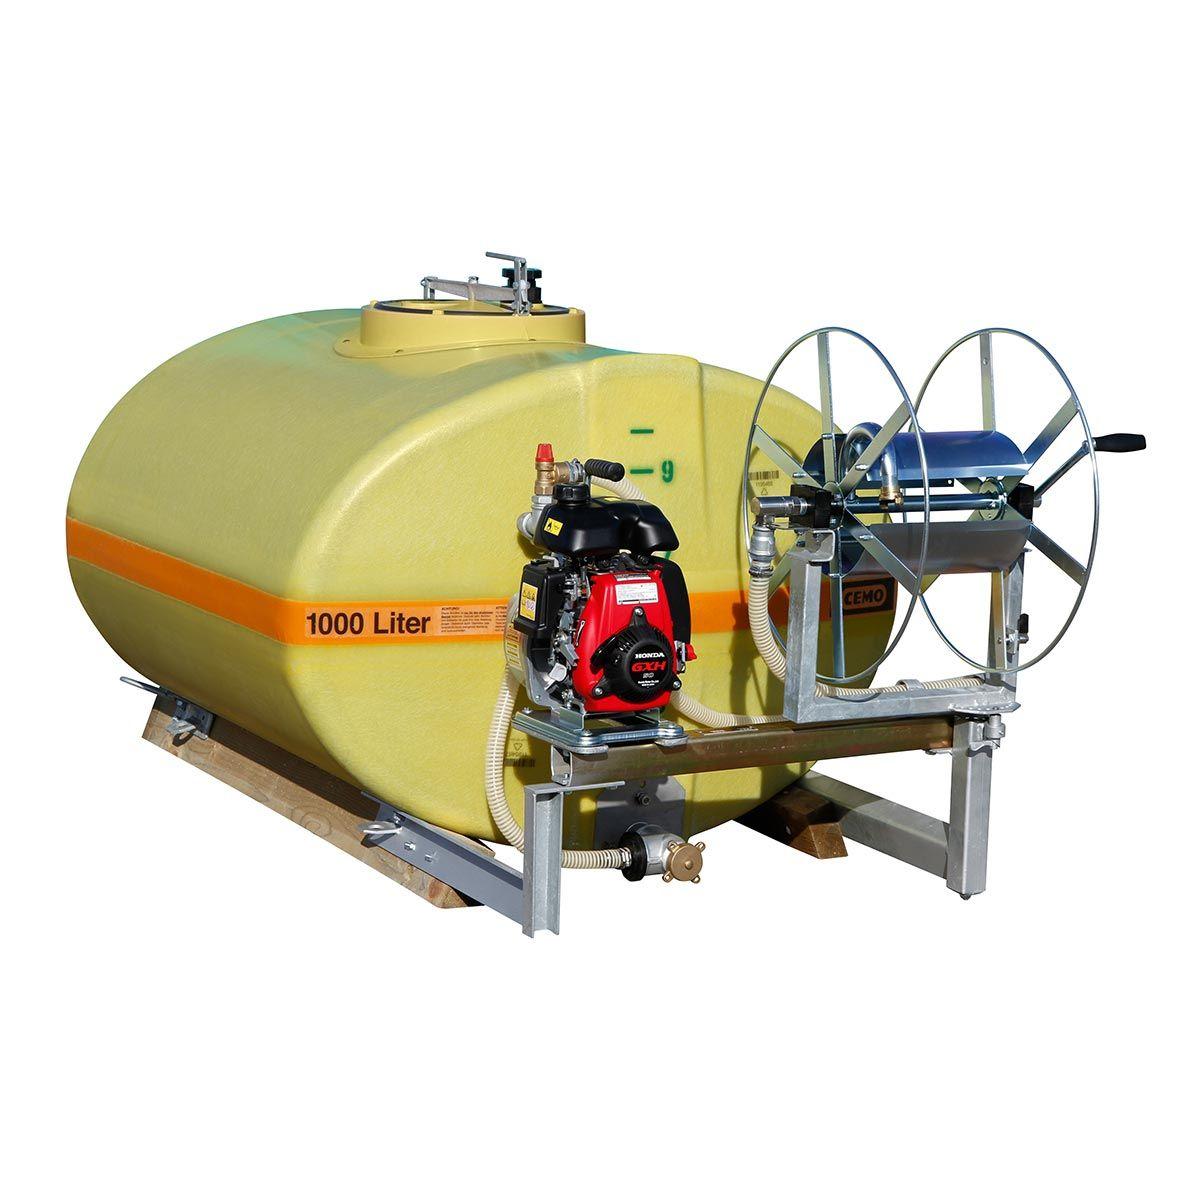 Mobiles Bewässerungssystem, aus GFK, gelb, 600 l, 2070 x 920 x 960 mm